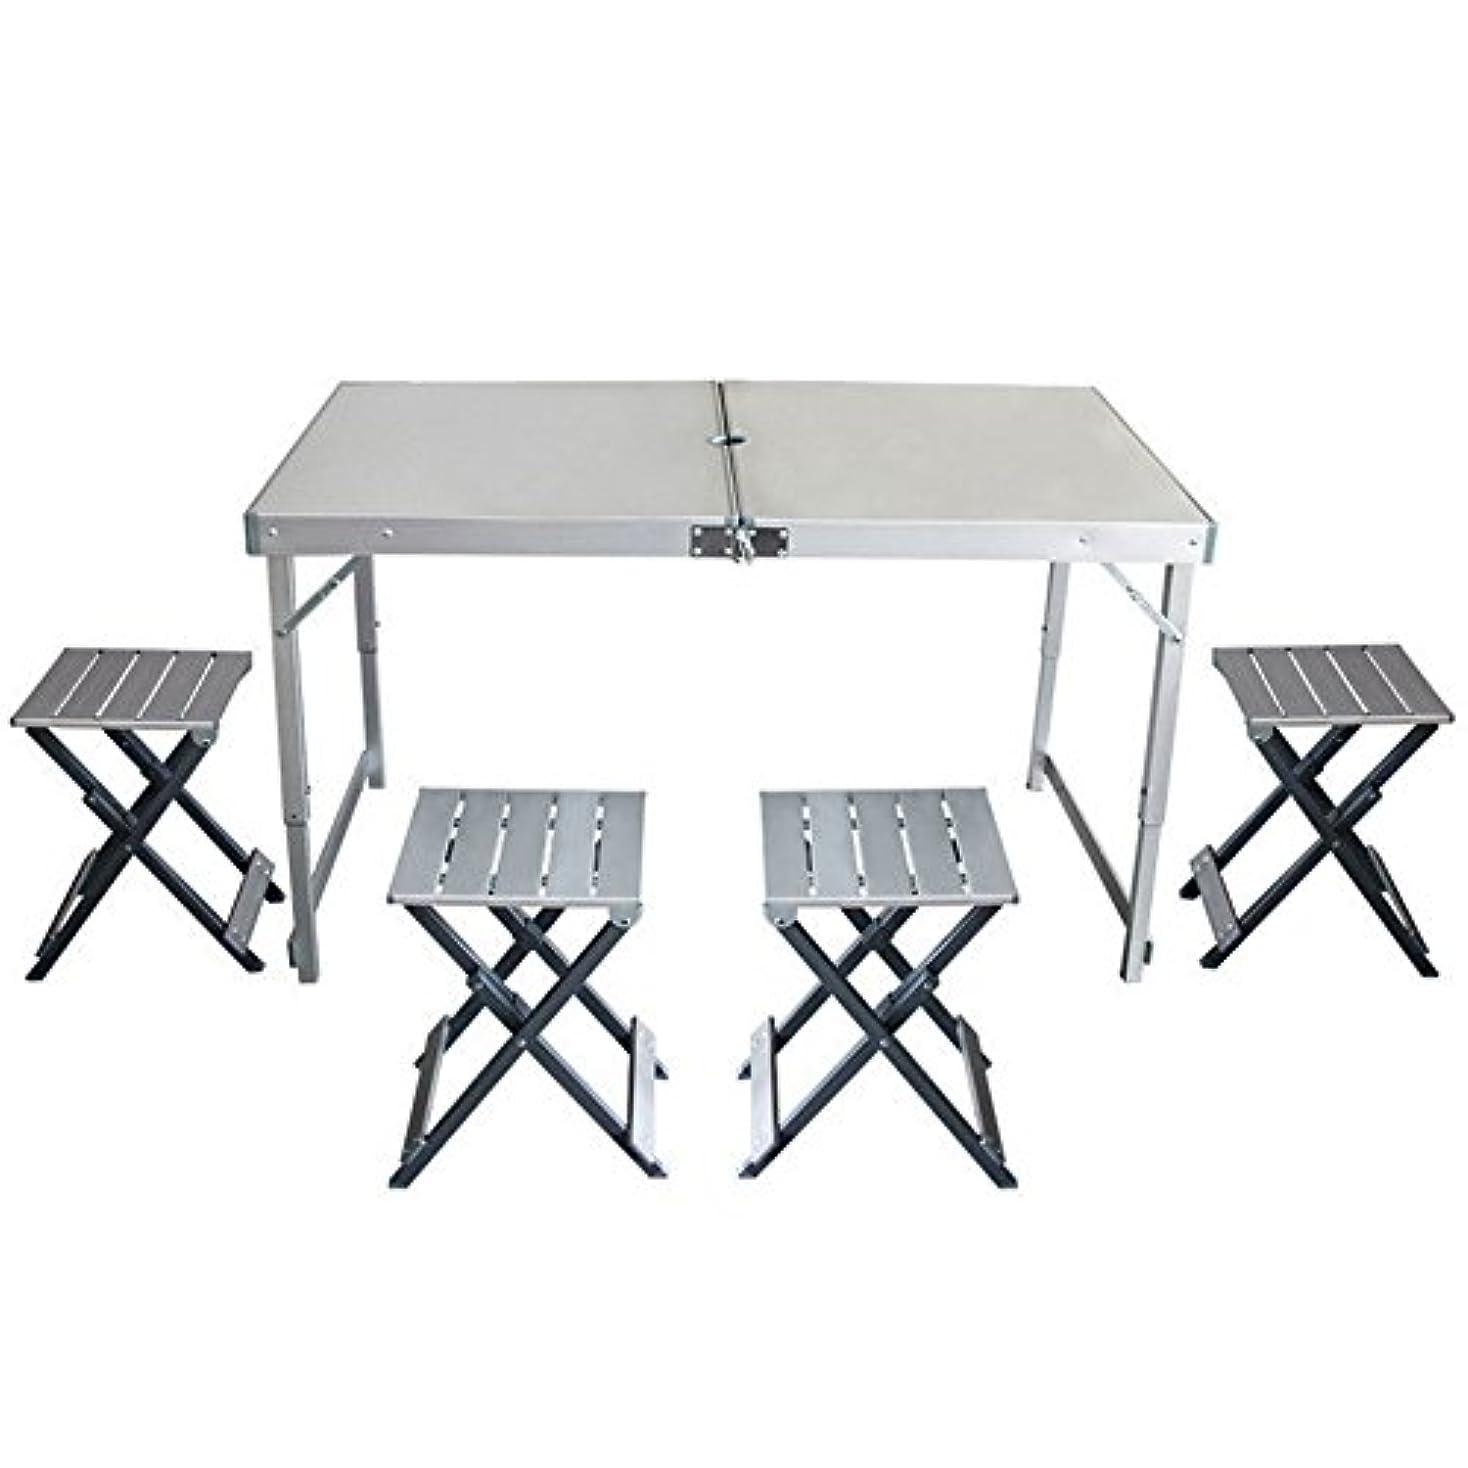 製品和らげる狂うピクニックテーブル屋外テーブルと椅子の組み合わせアルミ折りたたみテーブルと椅子ポータブルバーベキューテーブル、折りたたみデザイン アウトドア キャンプ用